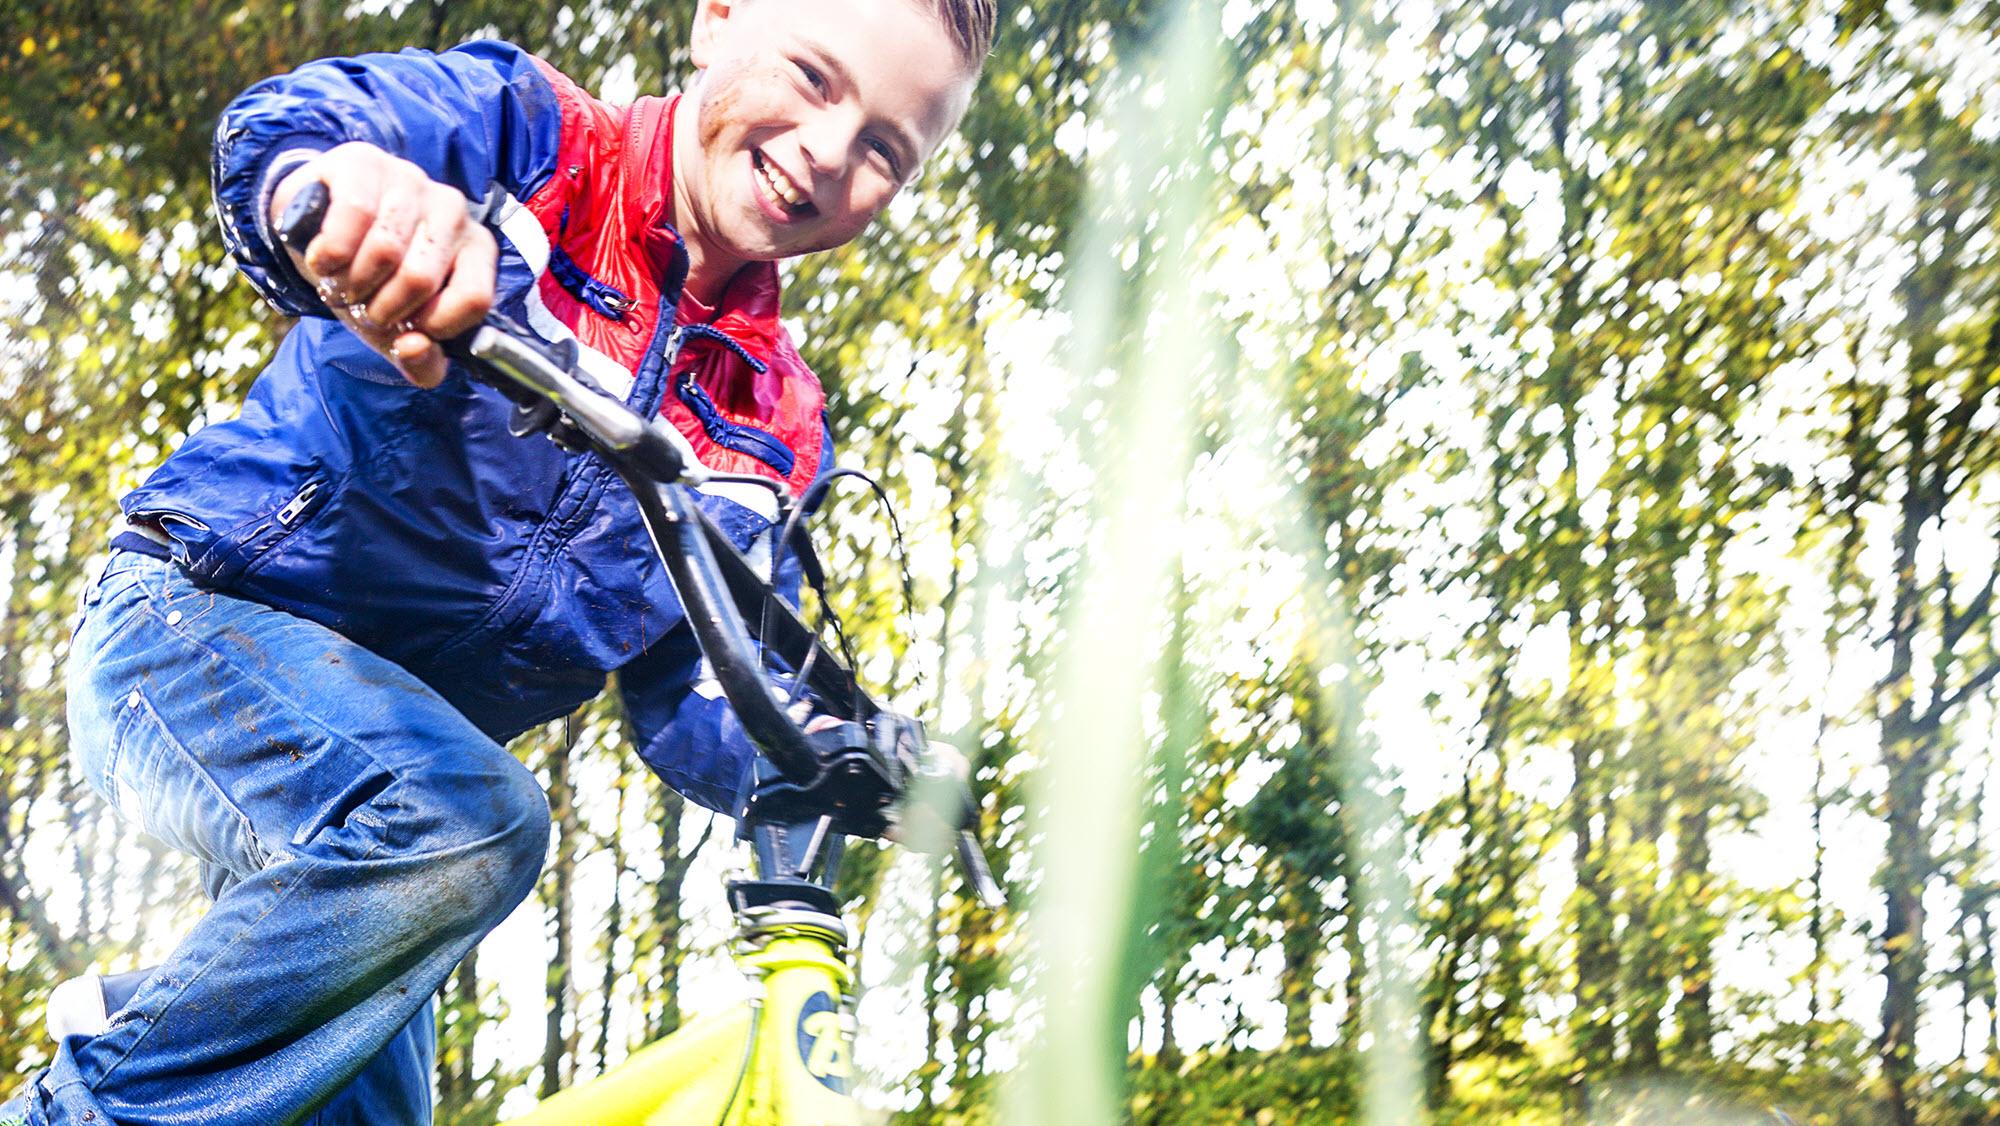 Omgeving Molecaten Park Kuierpad 01 mountainbike